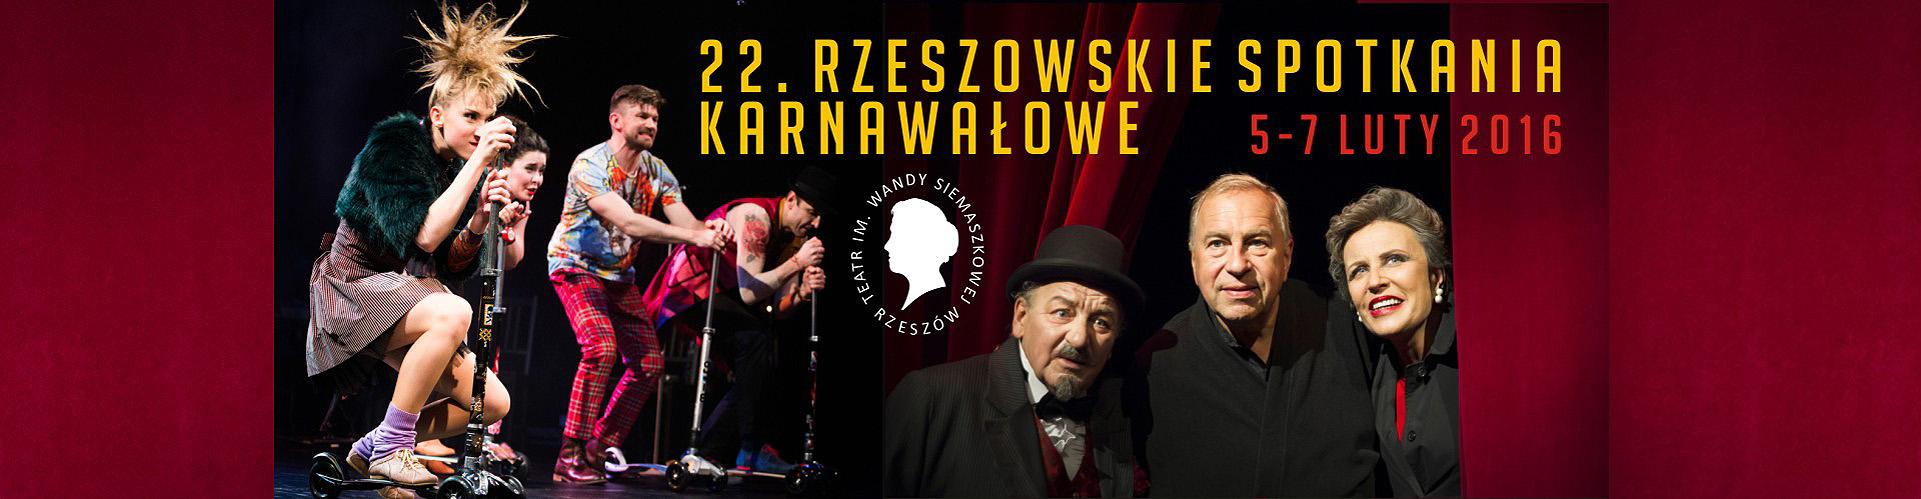 22. Rzeszowskie Spotkania Karnawałowe - fotorelacja